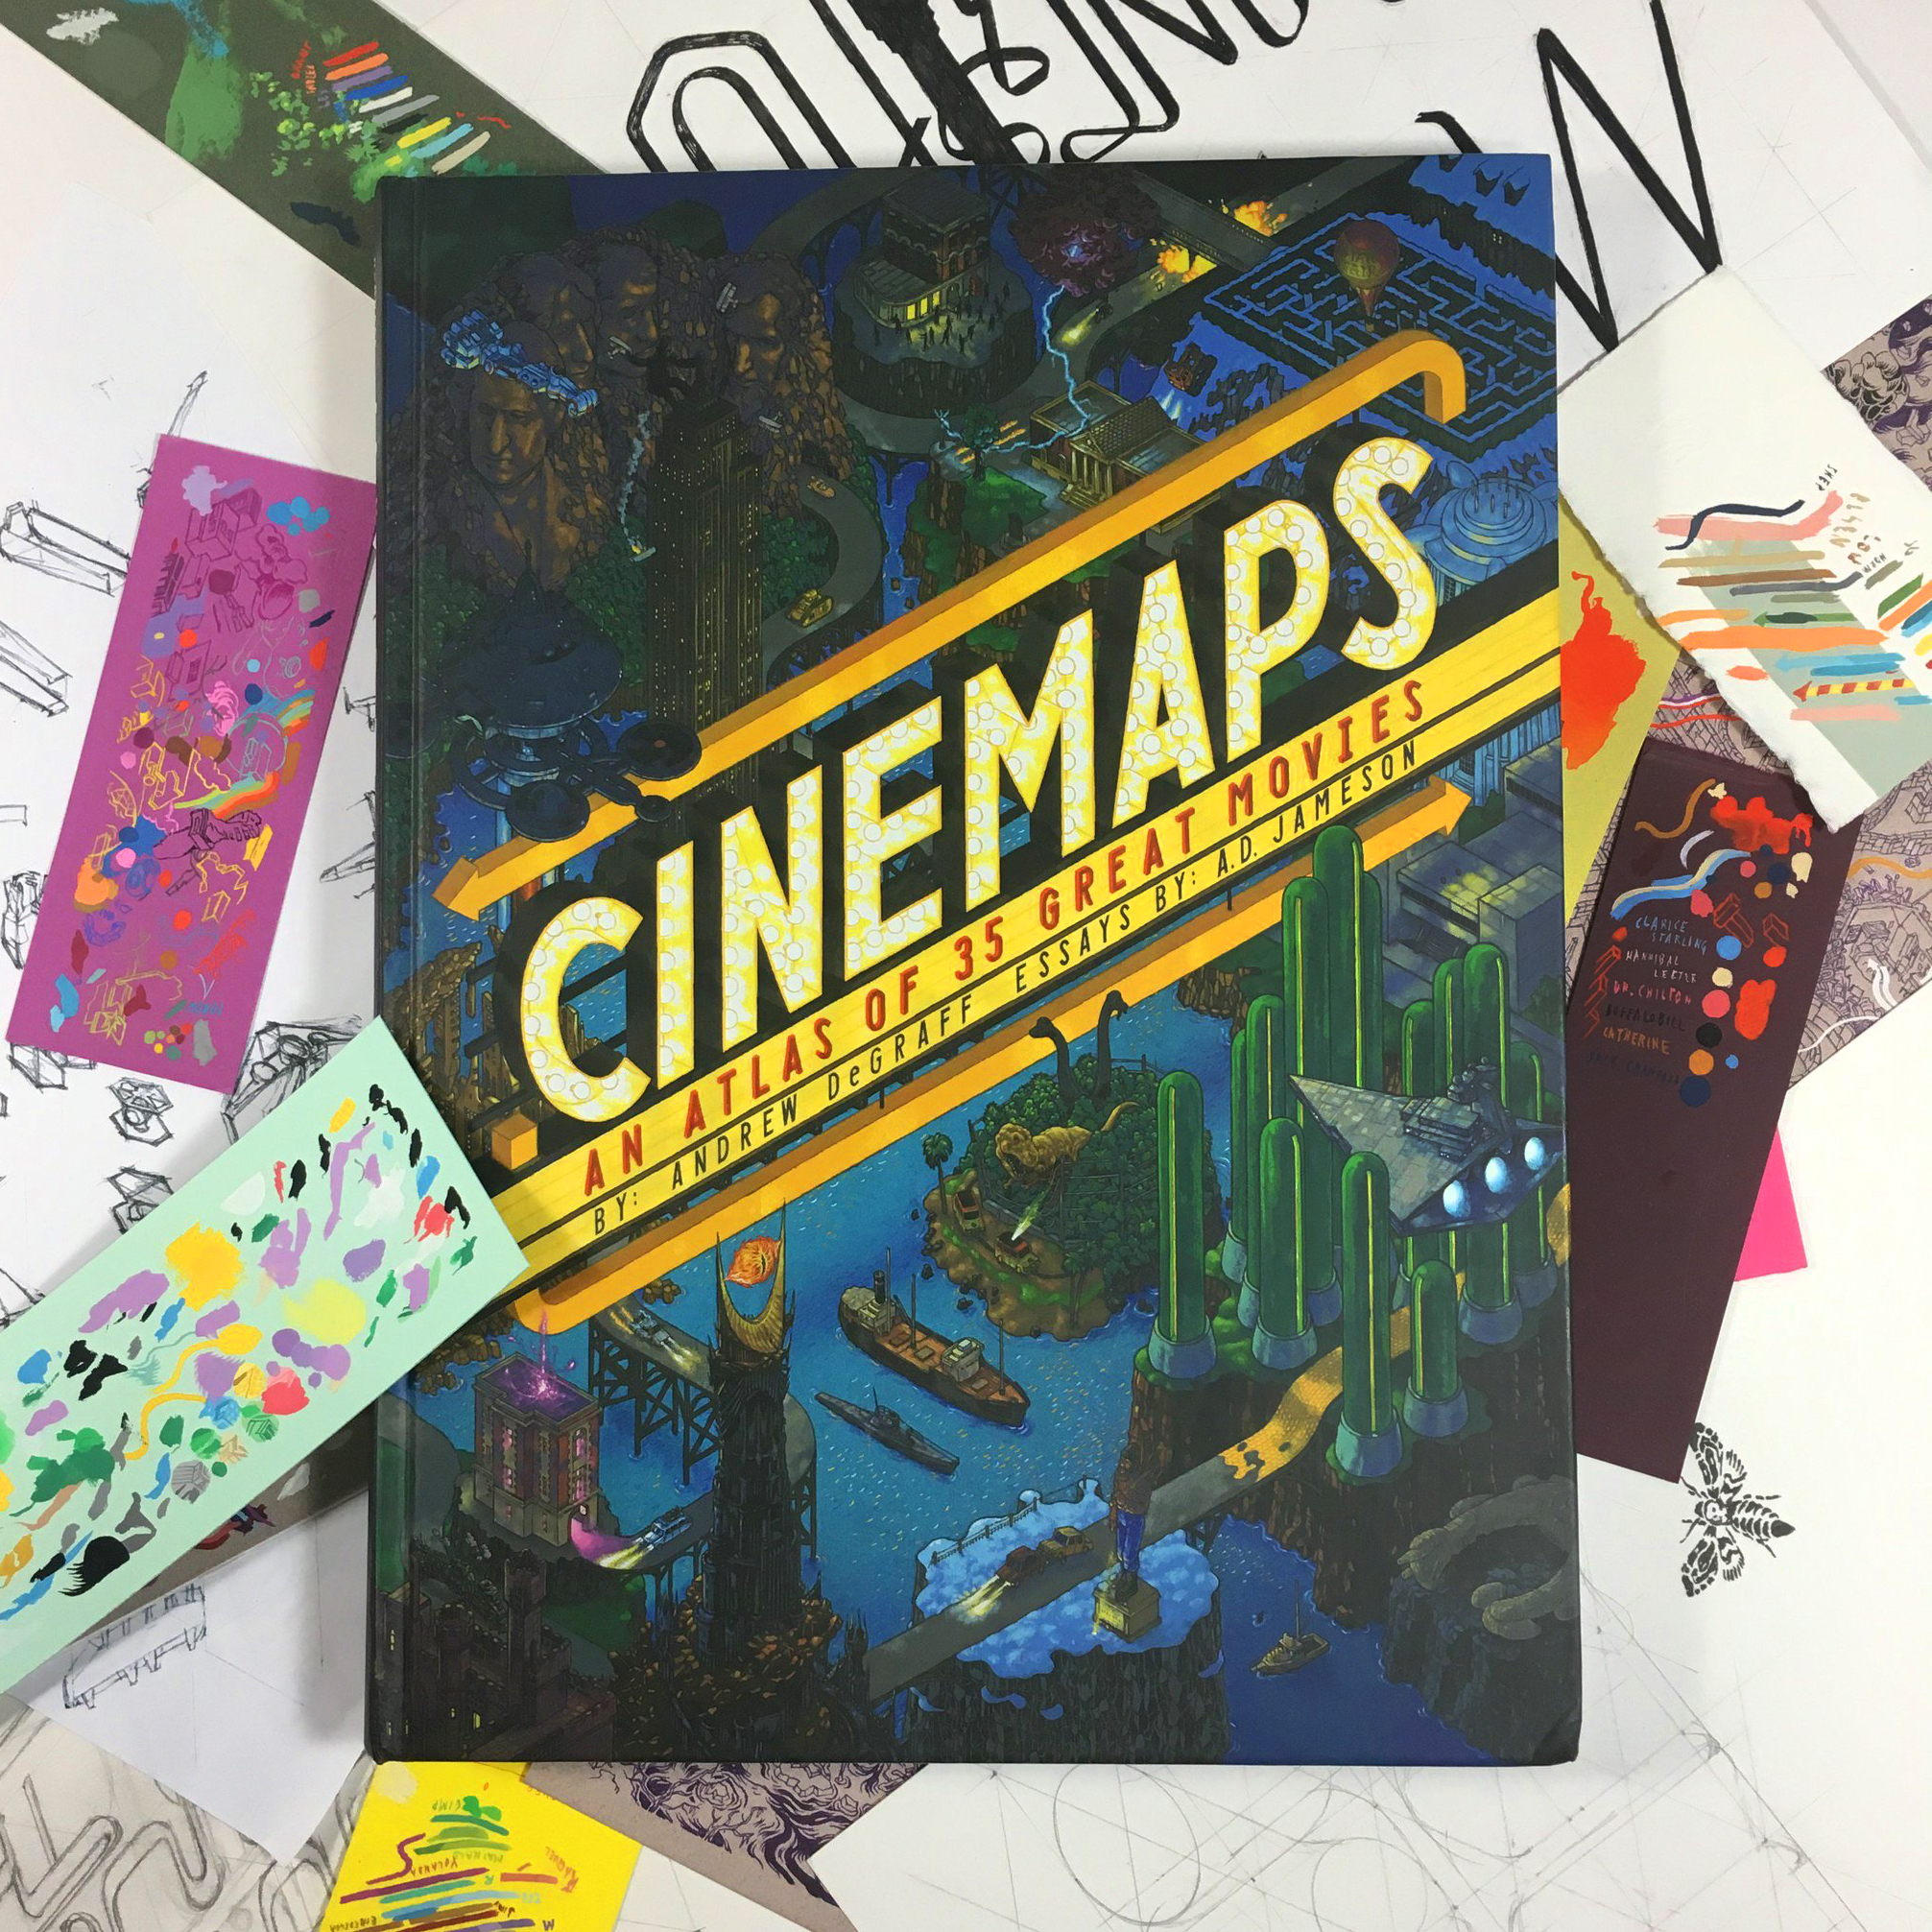 CinemapsPressshot.jpg